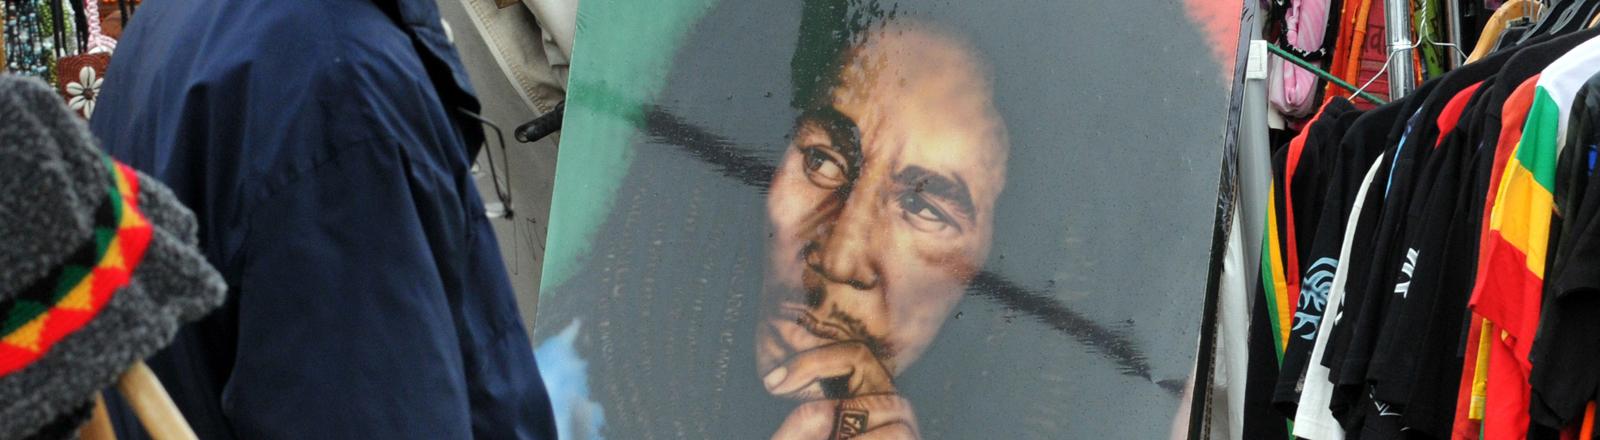 Bild von Bob Marley